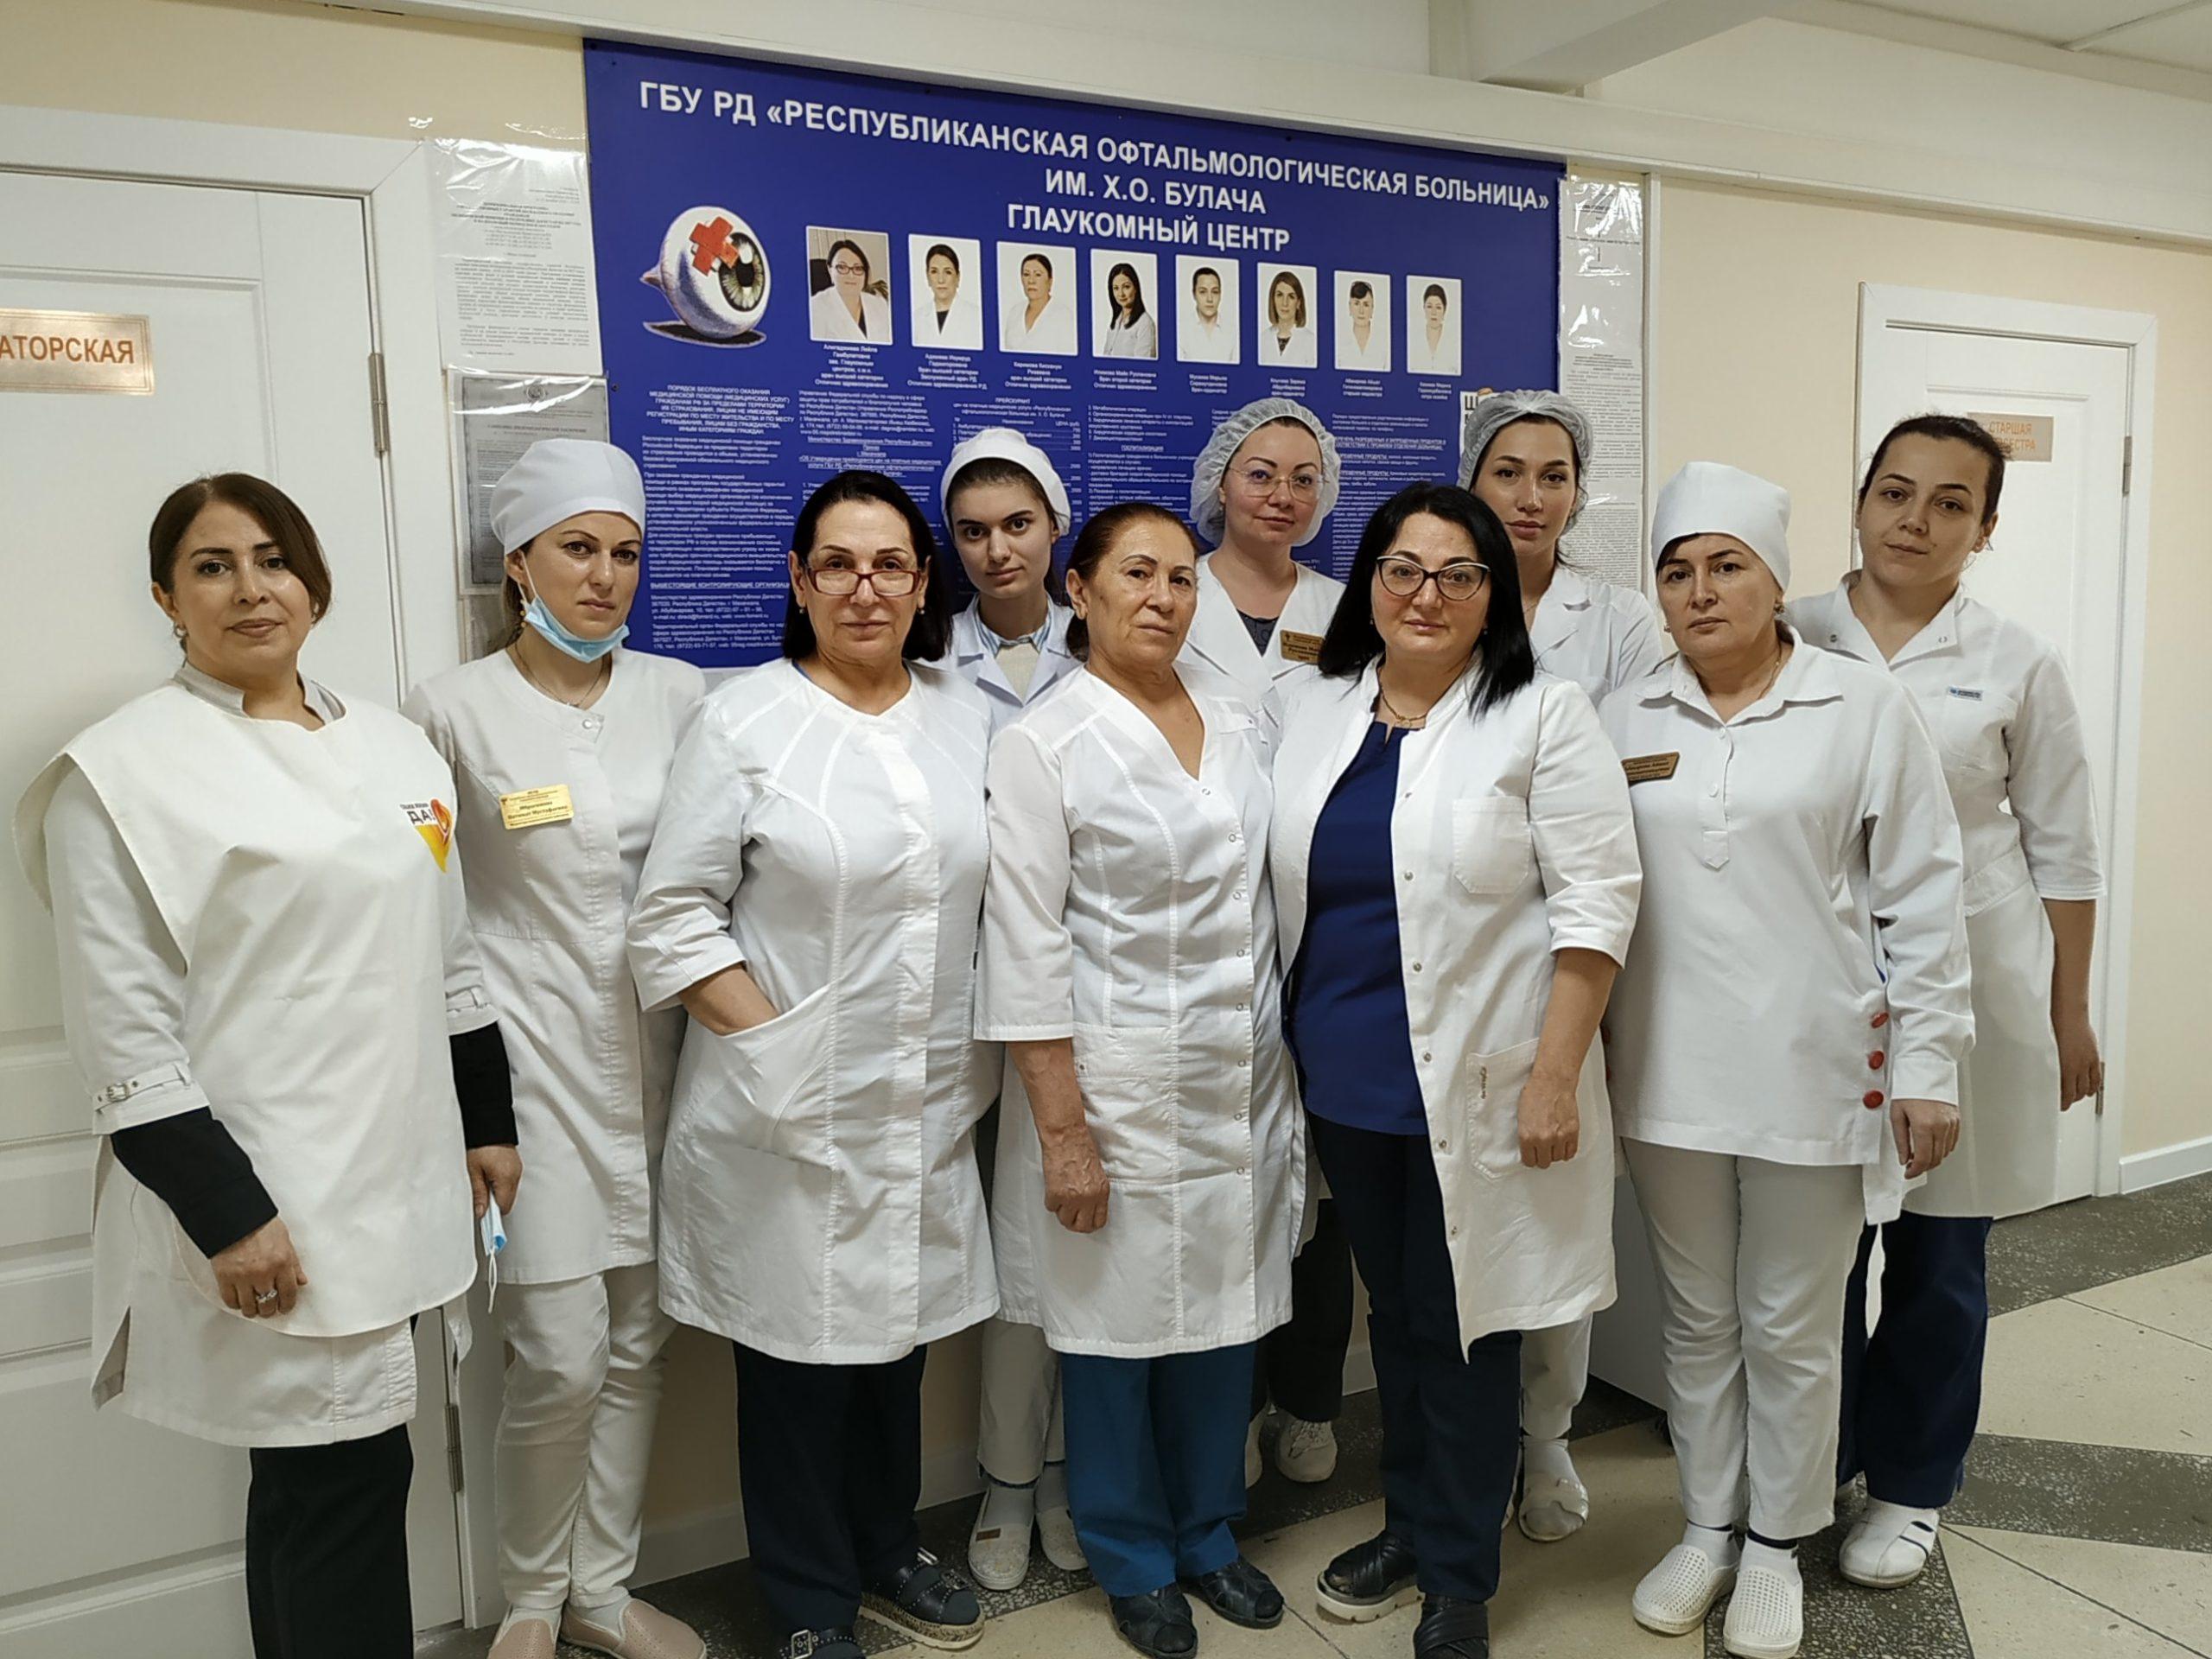 В Махачкале прошёл день открытых дверей по борьбе с глаукомой